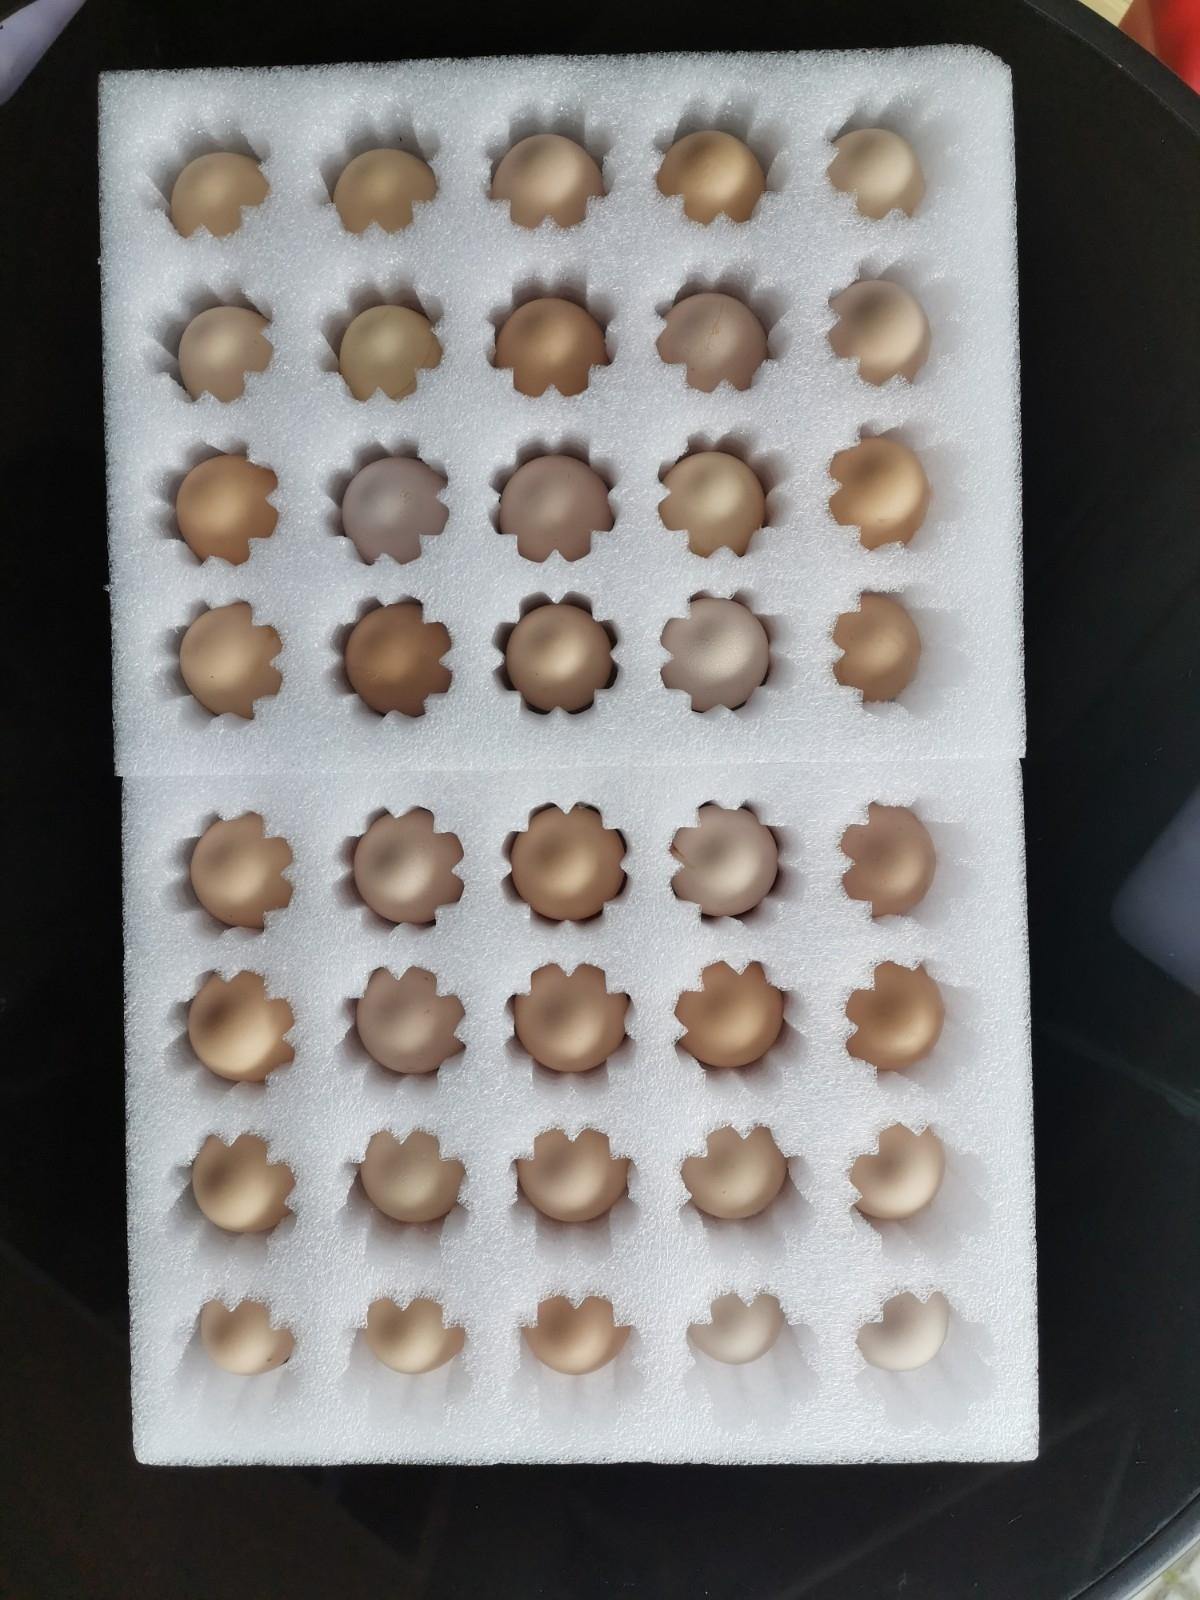 正宗散养草鸡、鸡蛋10元/斤,支持送货上门13866612386,外地包邮。